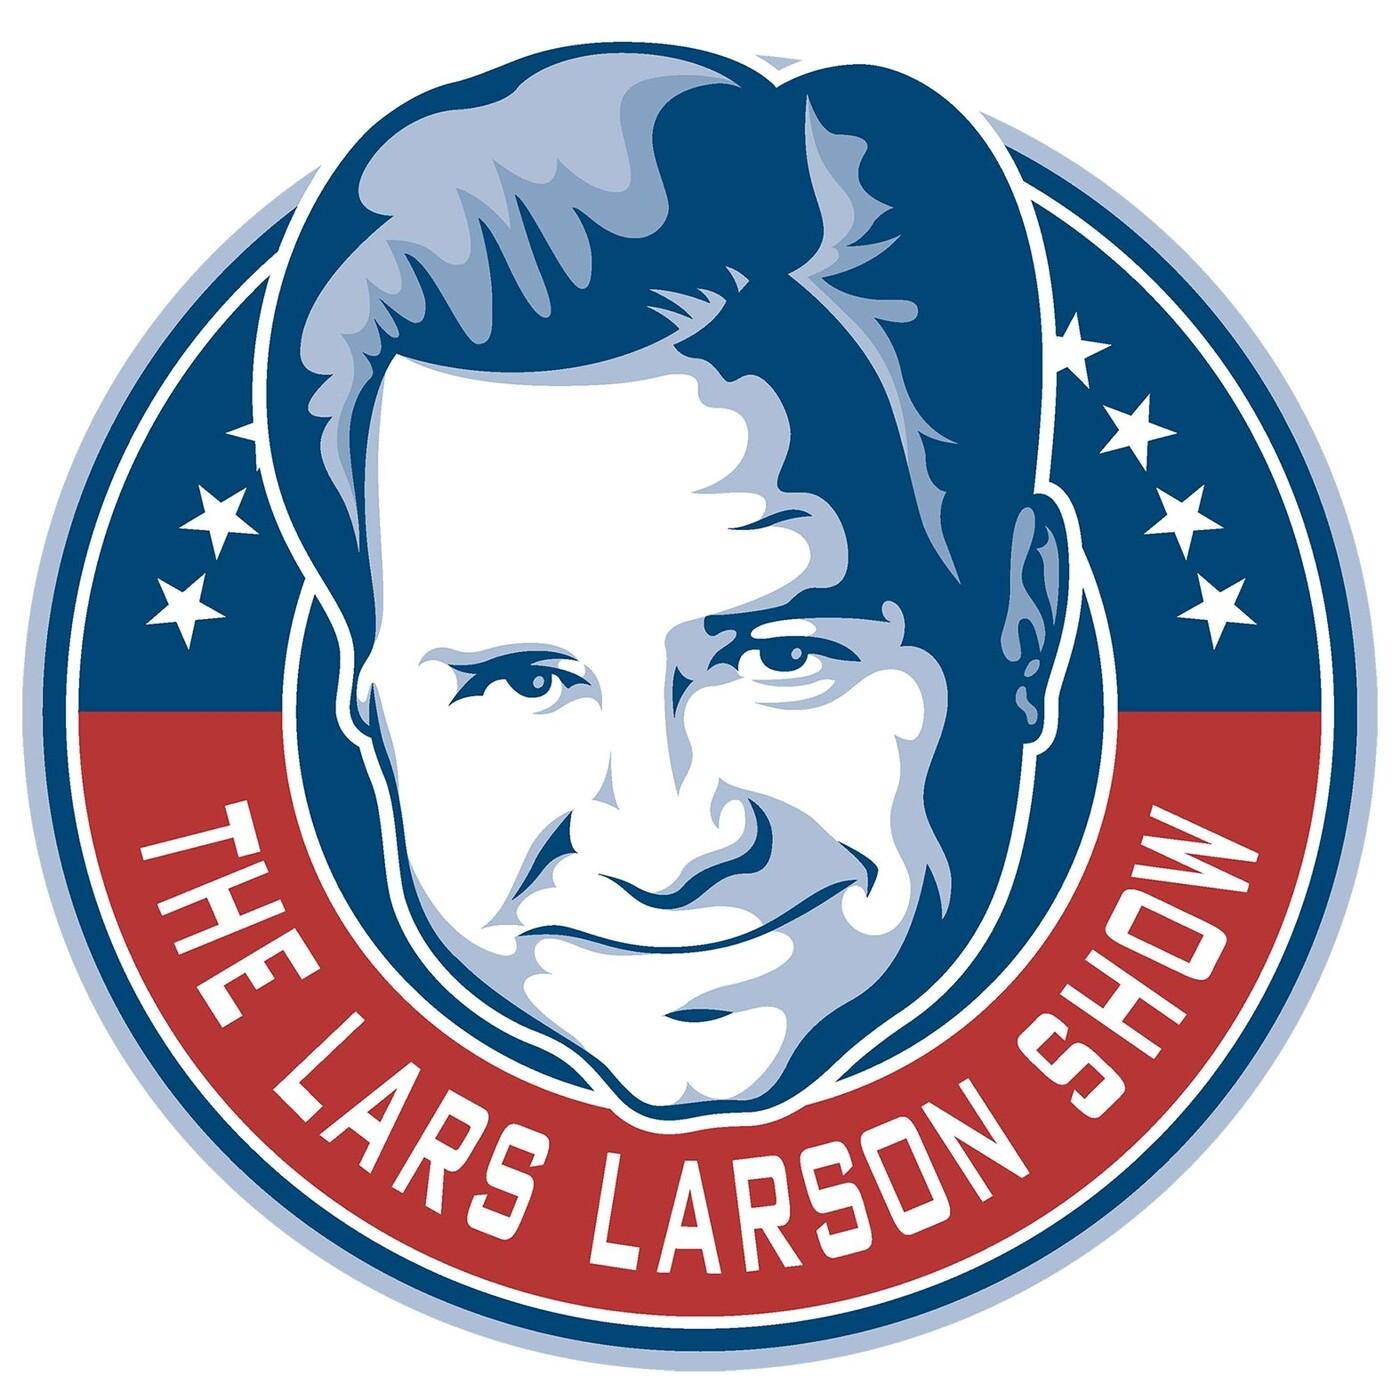 Lars Larson National Podcast 10-20-20